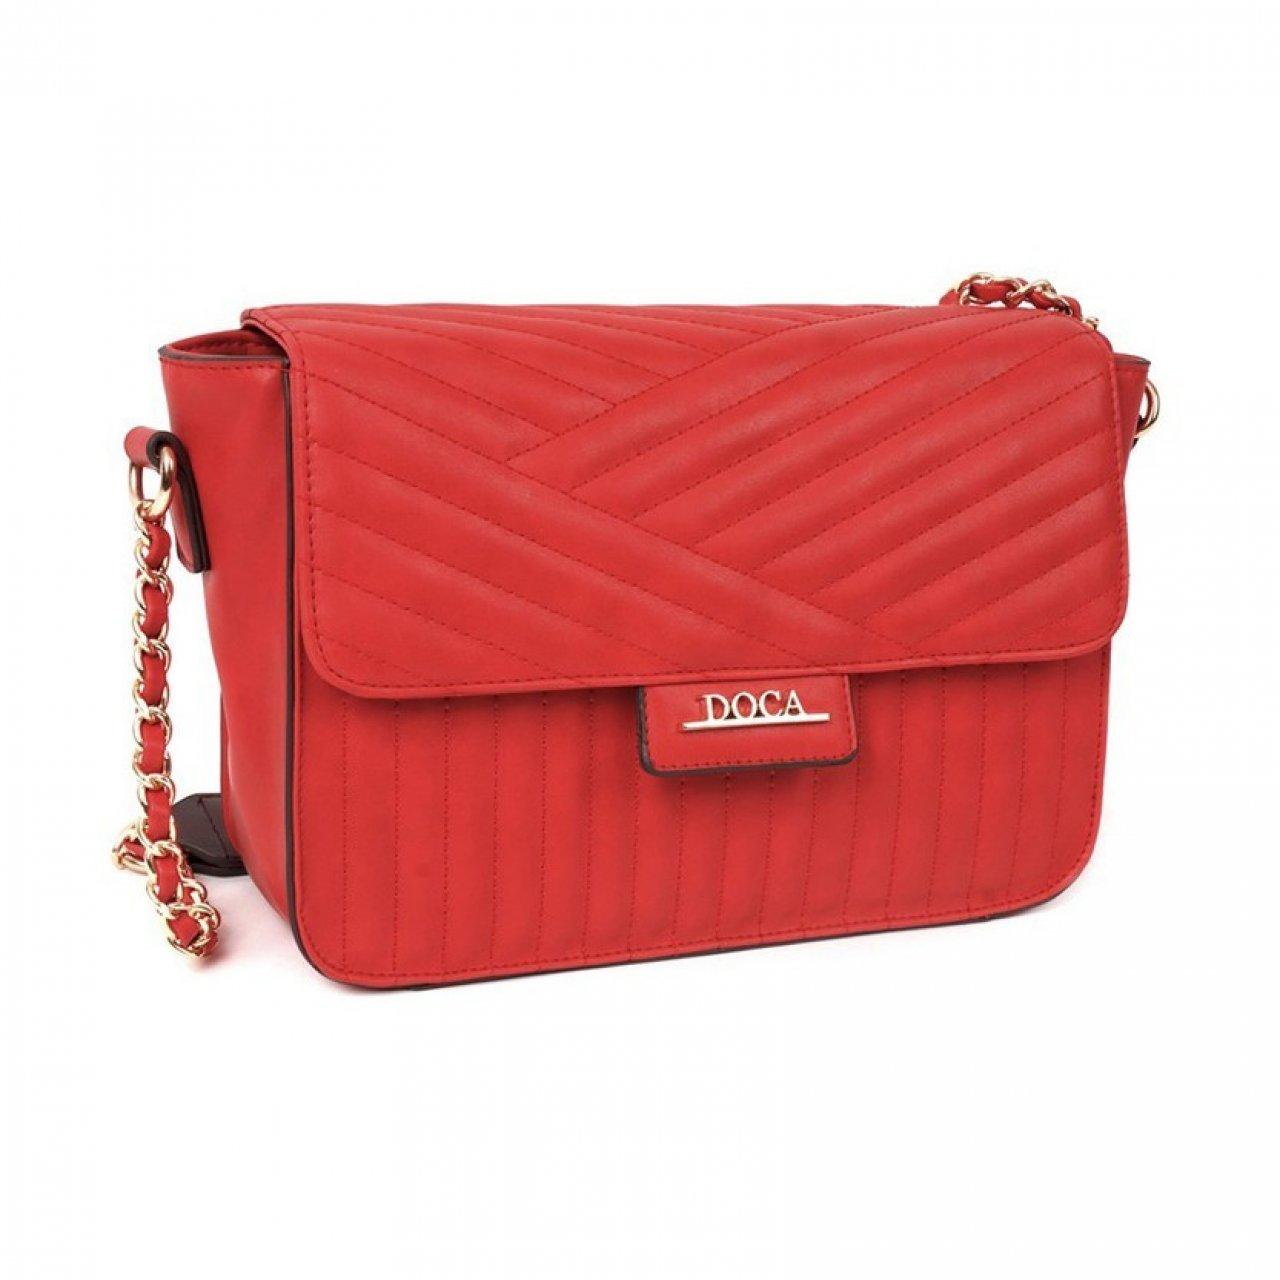 e296e784950b Dámská crossbody kabelka Doca 12982 - červená